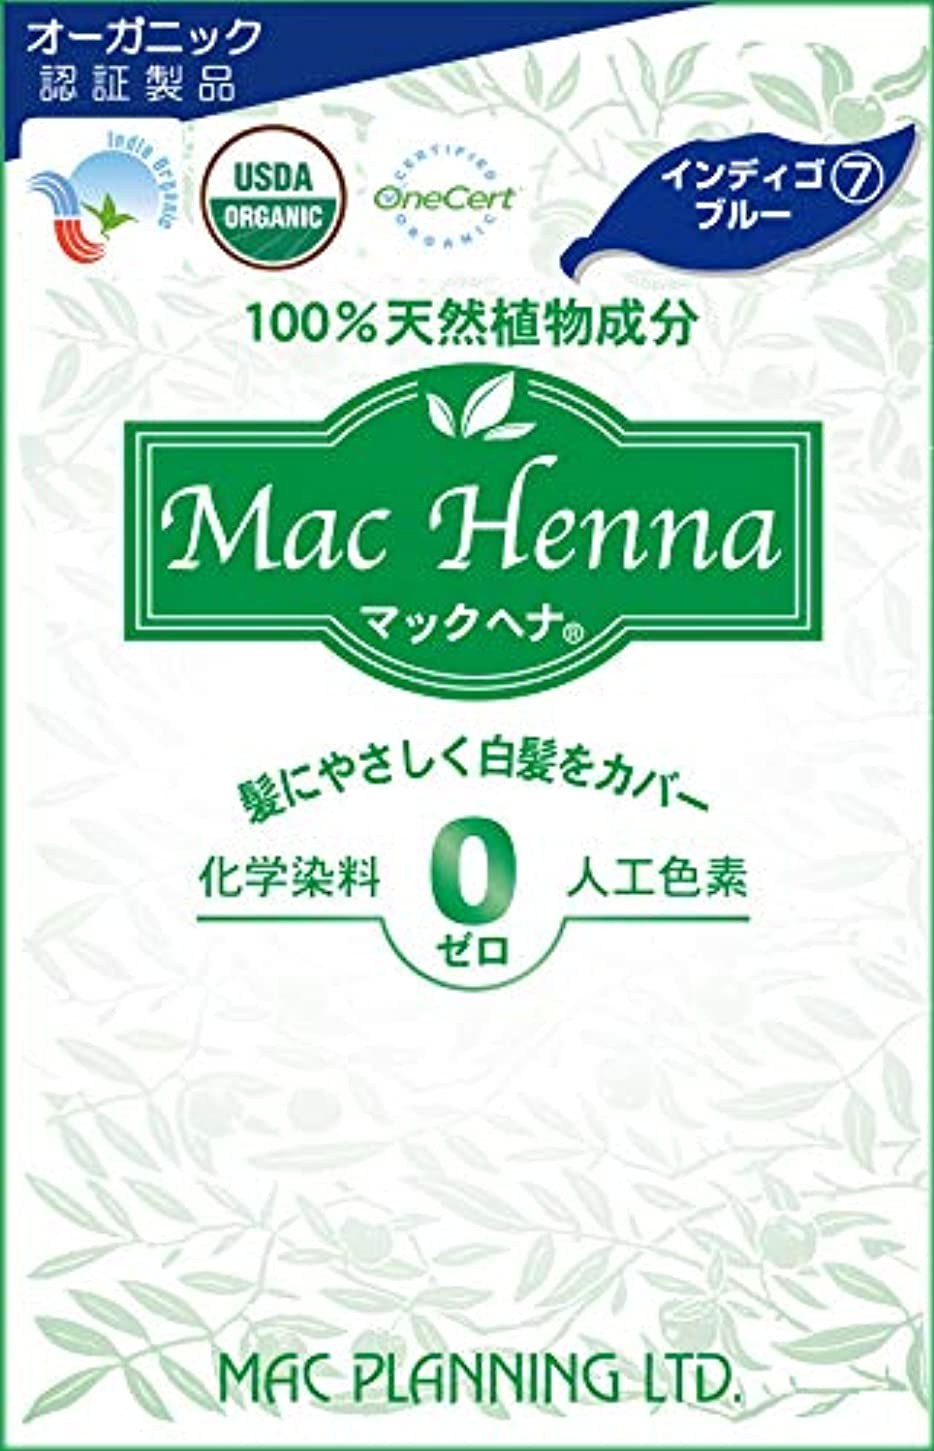 比較サージマラウイマックヘナ インディゴブルー50g+50g(インディゴ100%) 100%天然